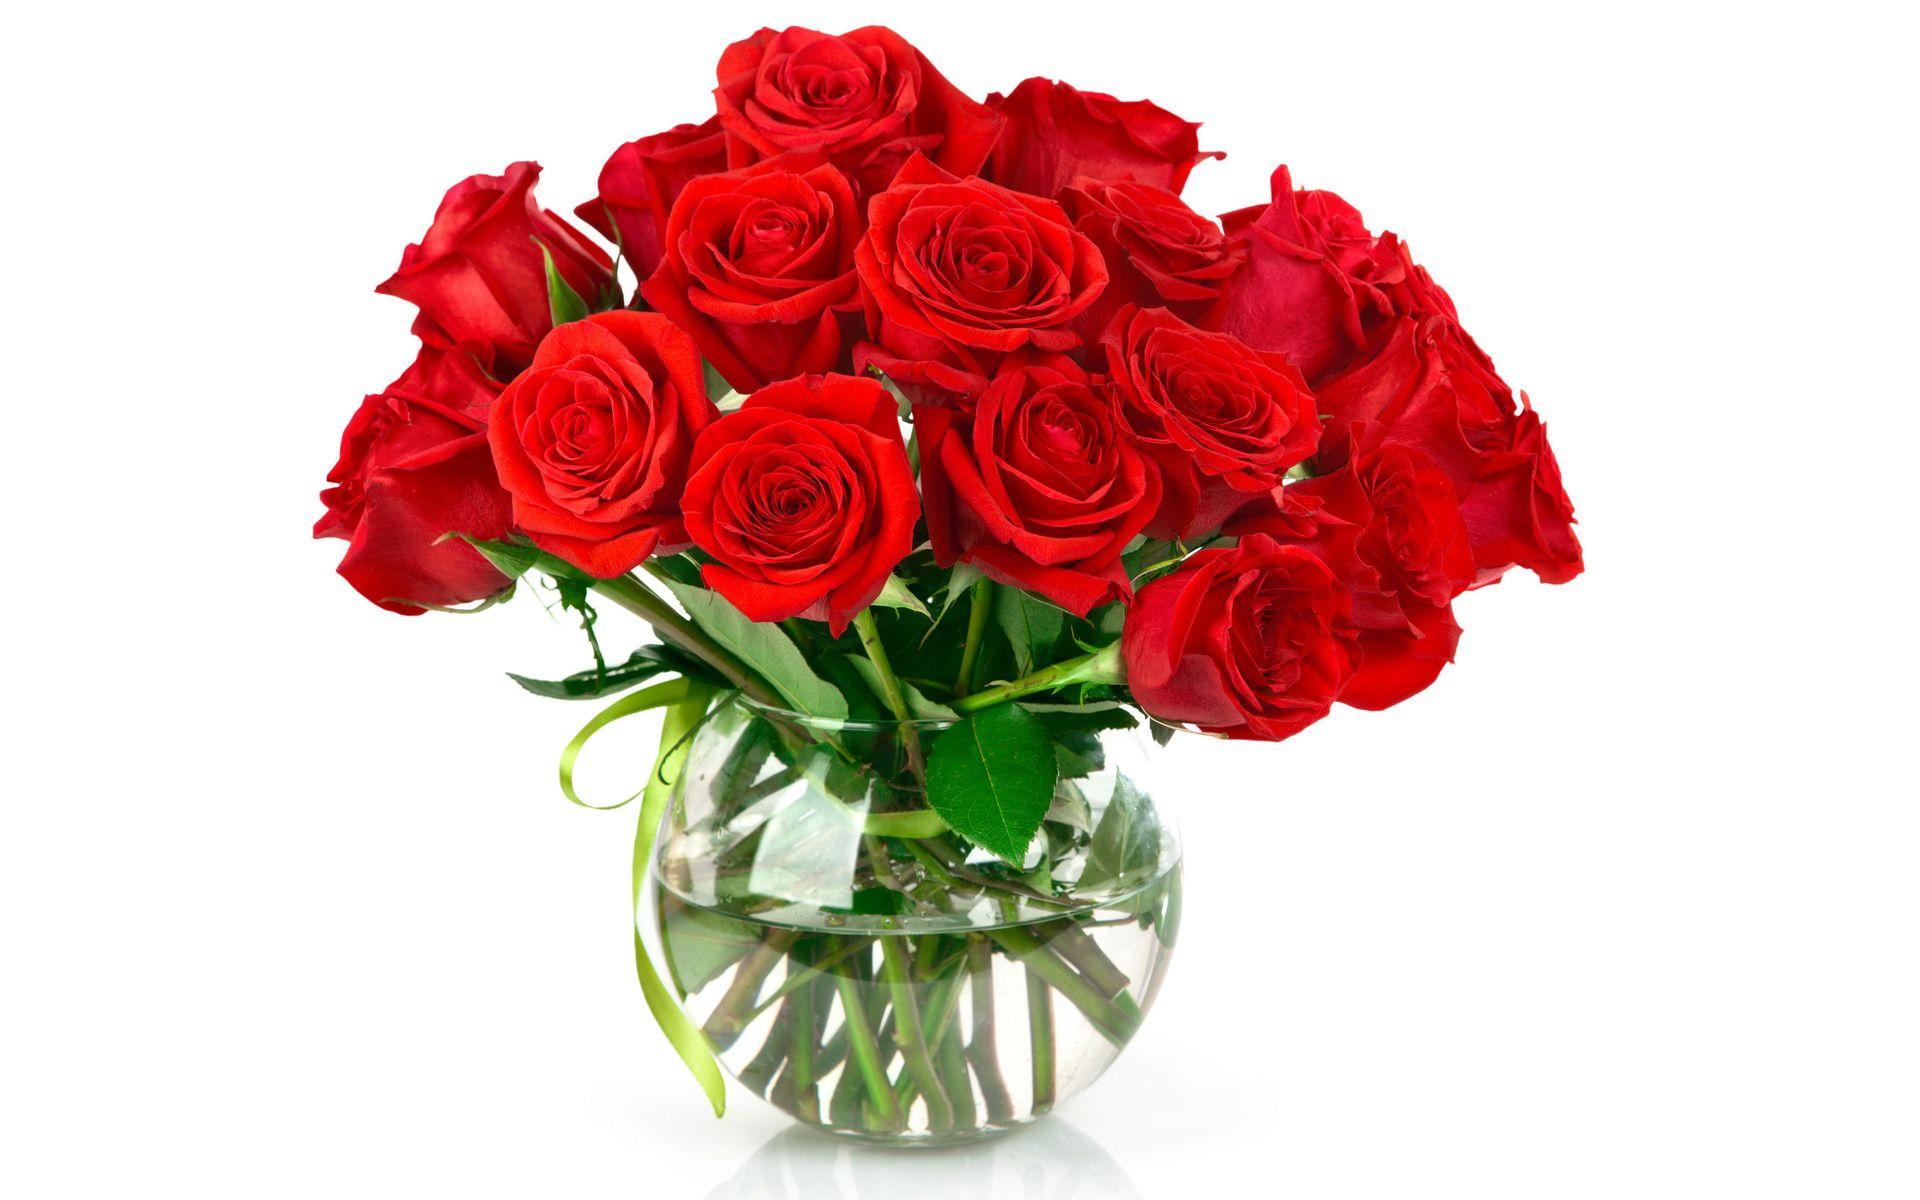 Ảnh Lọ Hoa Hồng Đẹp Hoa, Hoa hồng đẹp, Hoa hồng